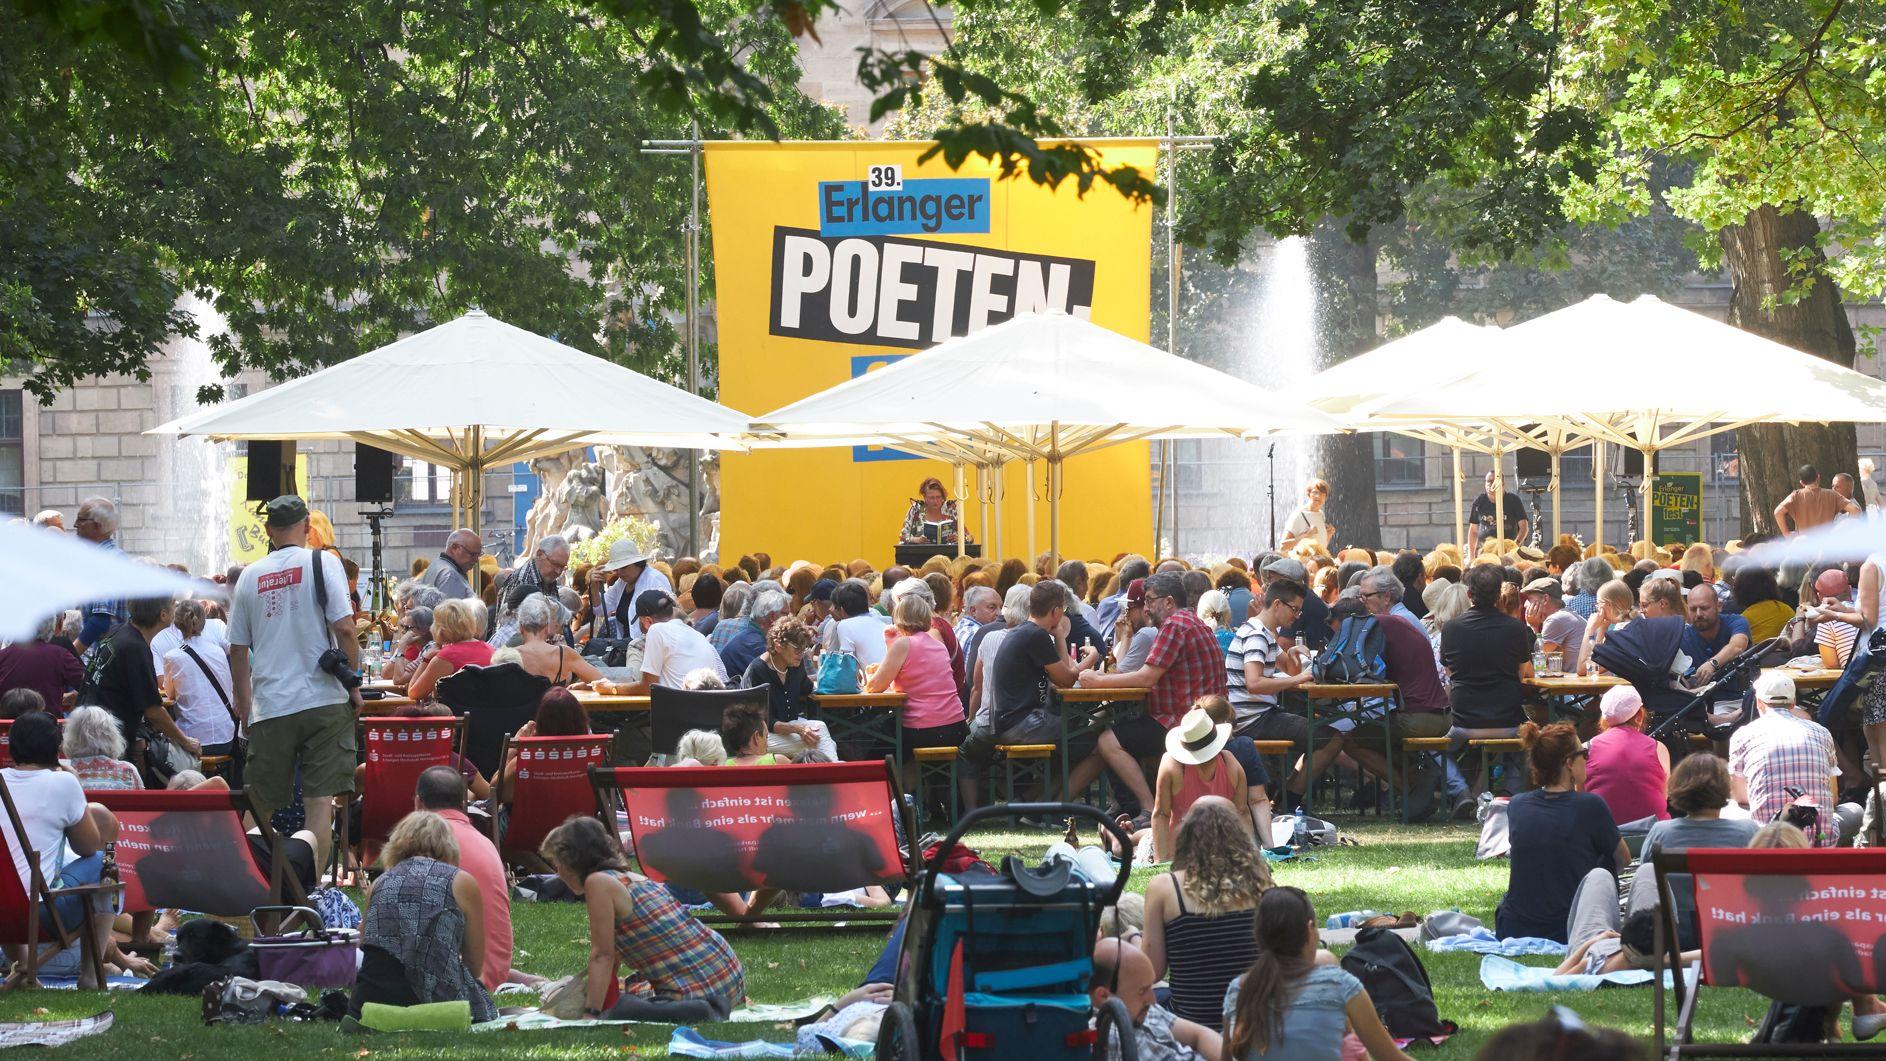 Das Hauptpodium auf dem Erlanger Poetenfest